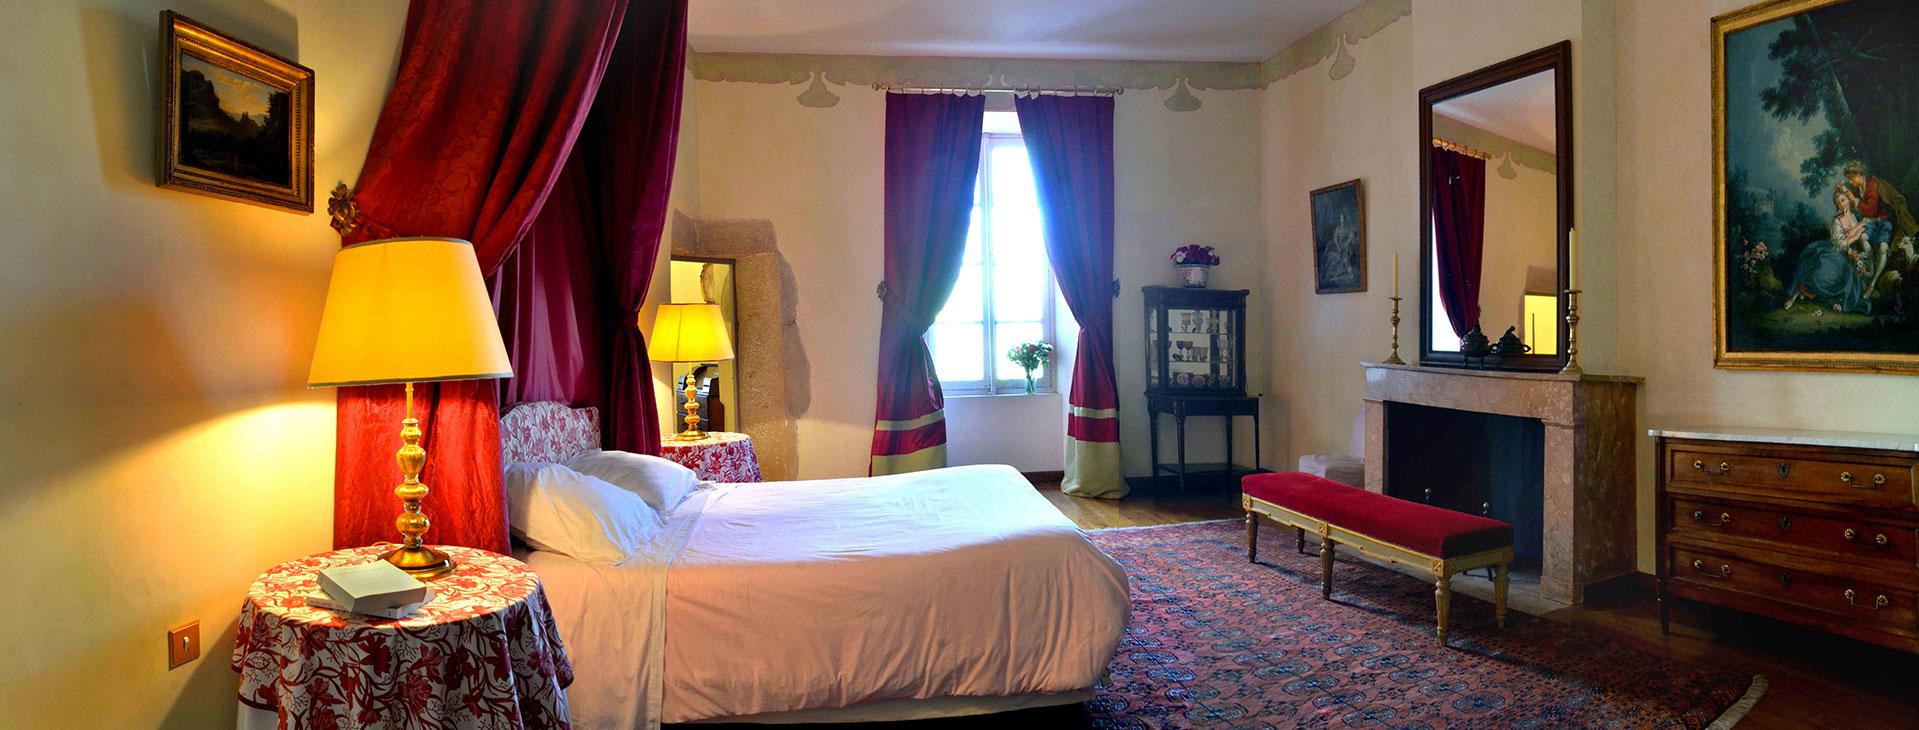 Chambre vénitienne / Venitian bedroom